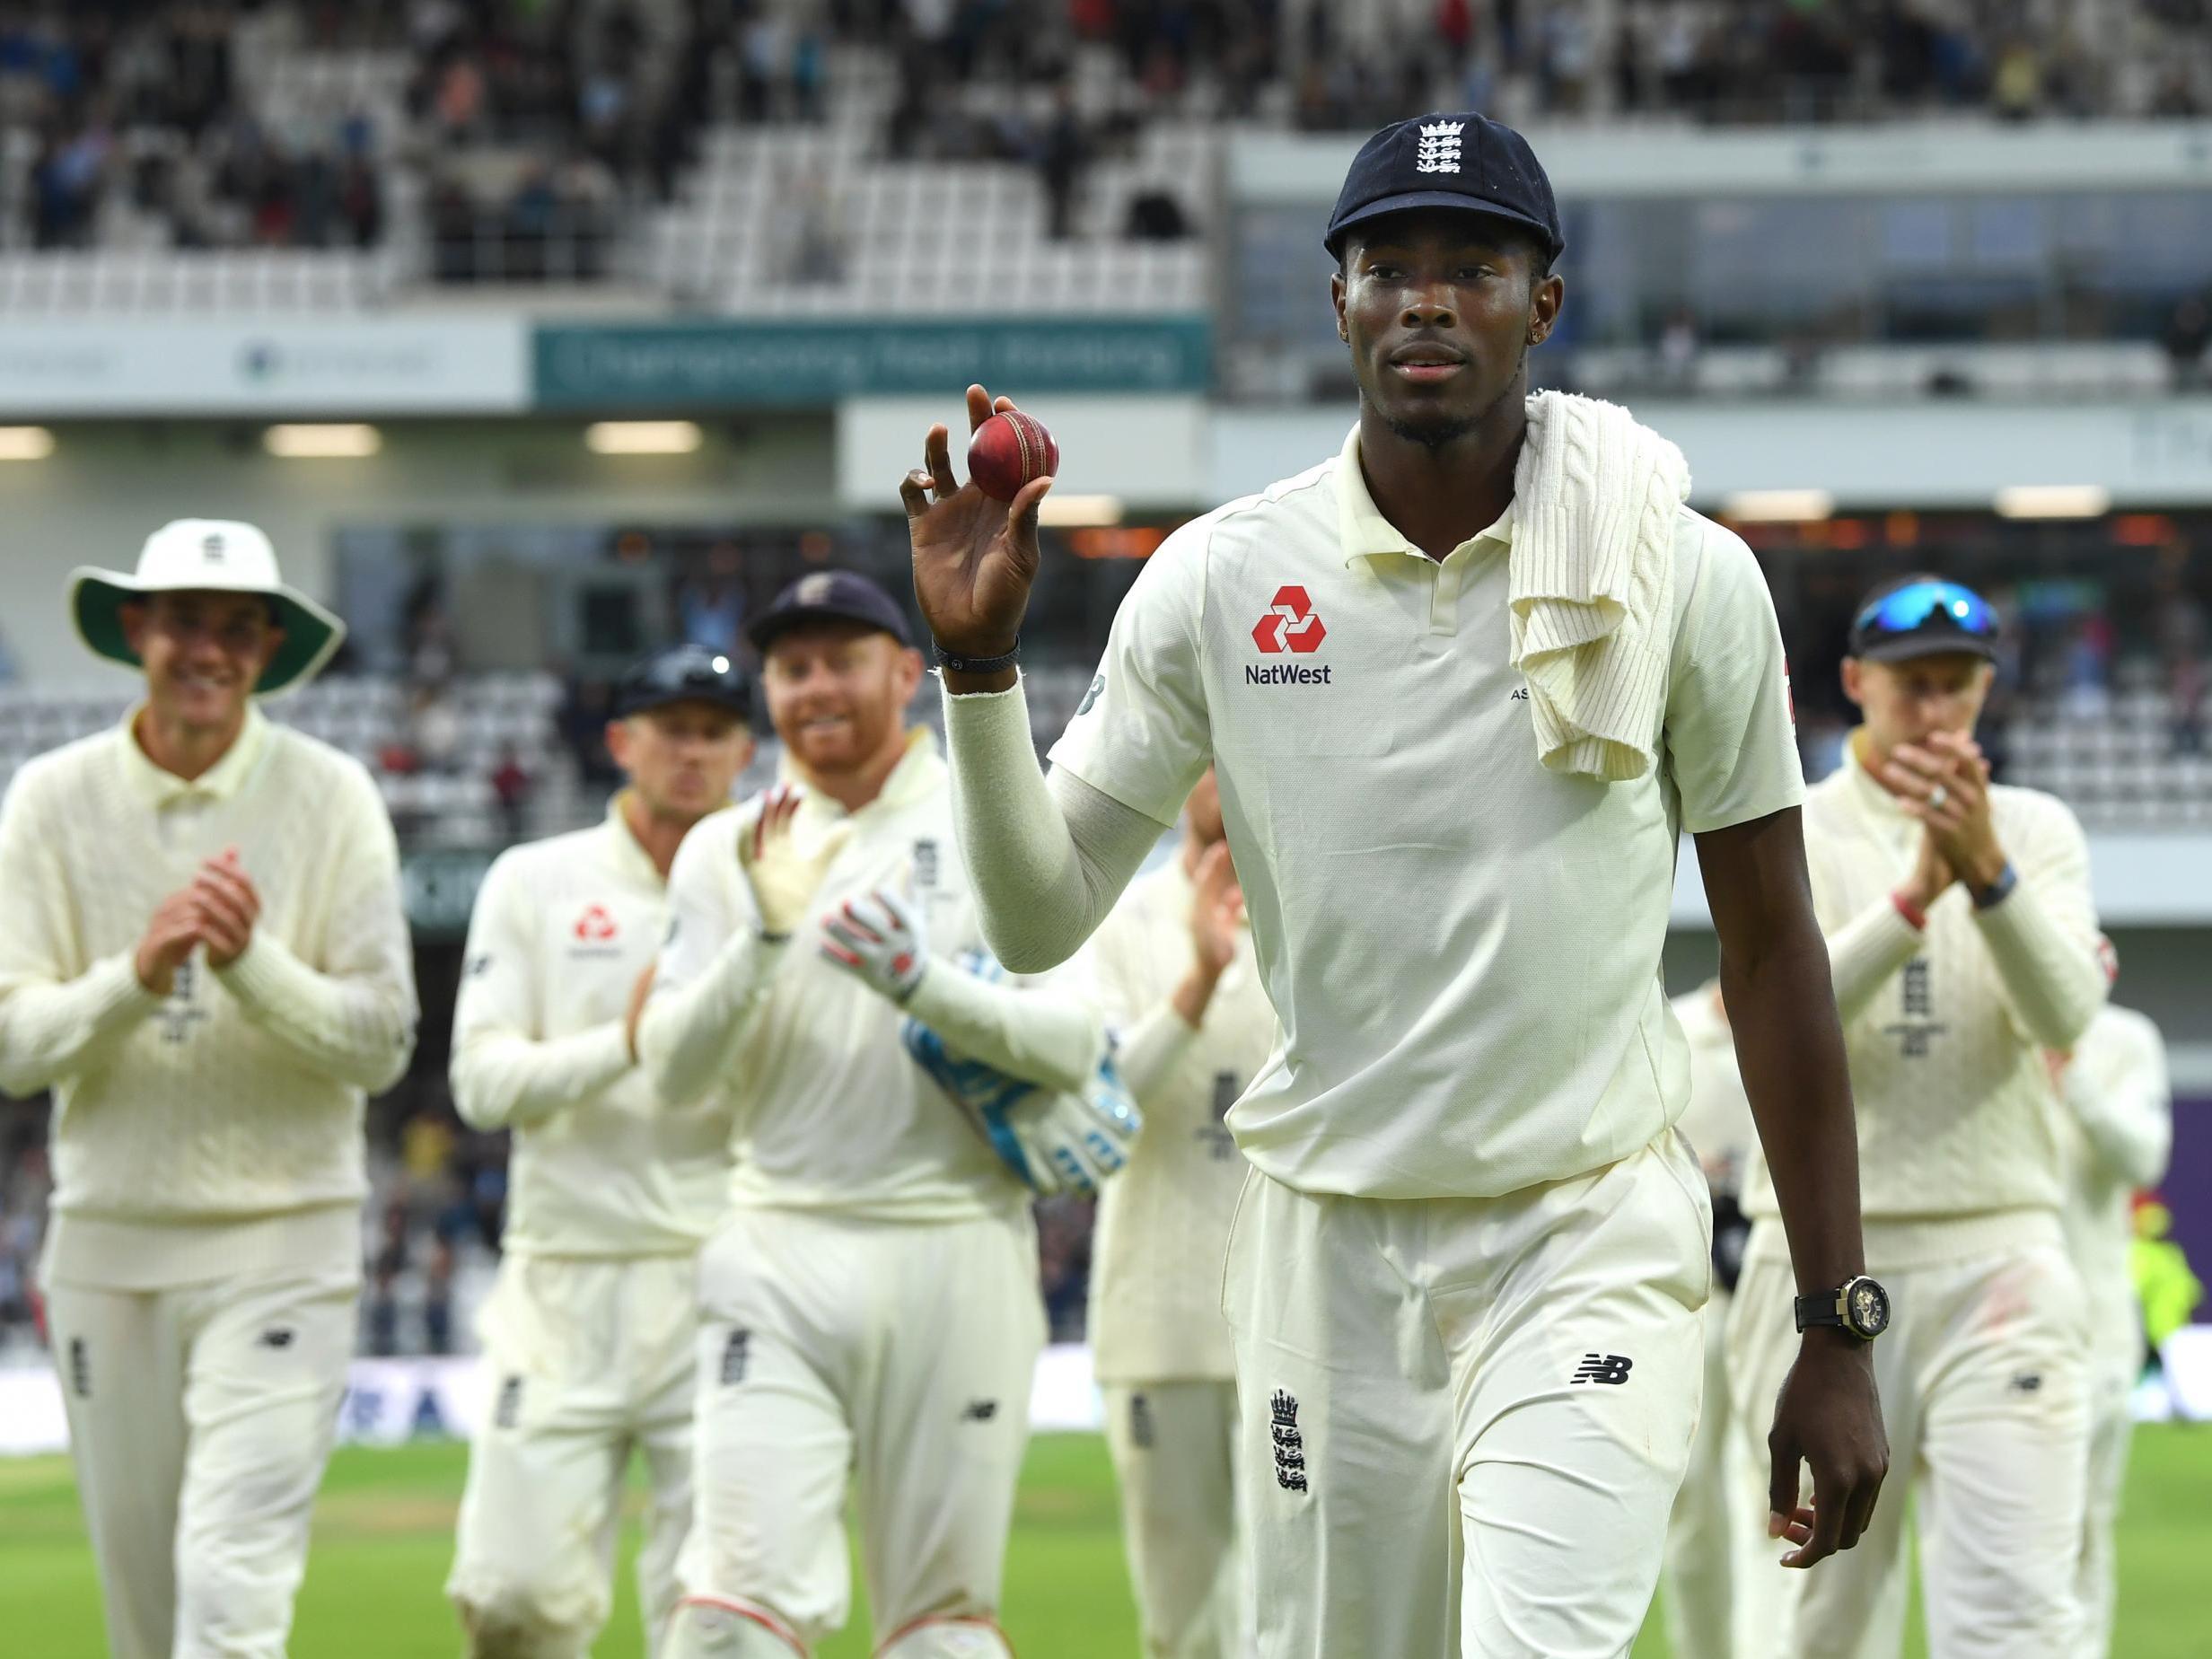 वेस्टइंडीज के इस दिग्गज ने कहा जोफ्रा आर्चर एक दिन होंगे इंग्लैंड के बड़े कप्तान 1